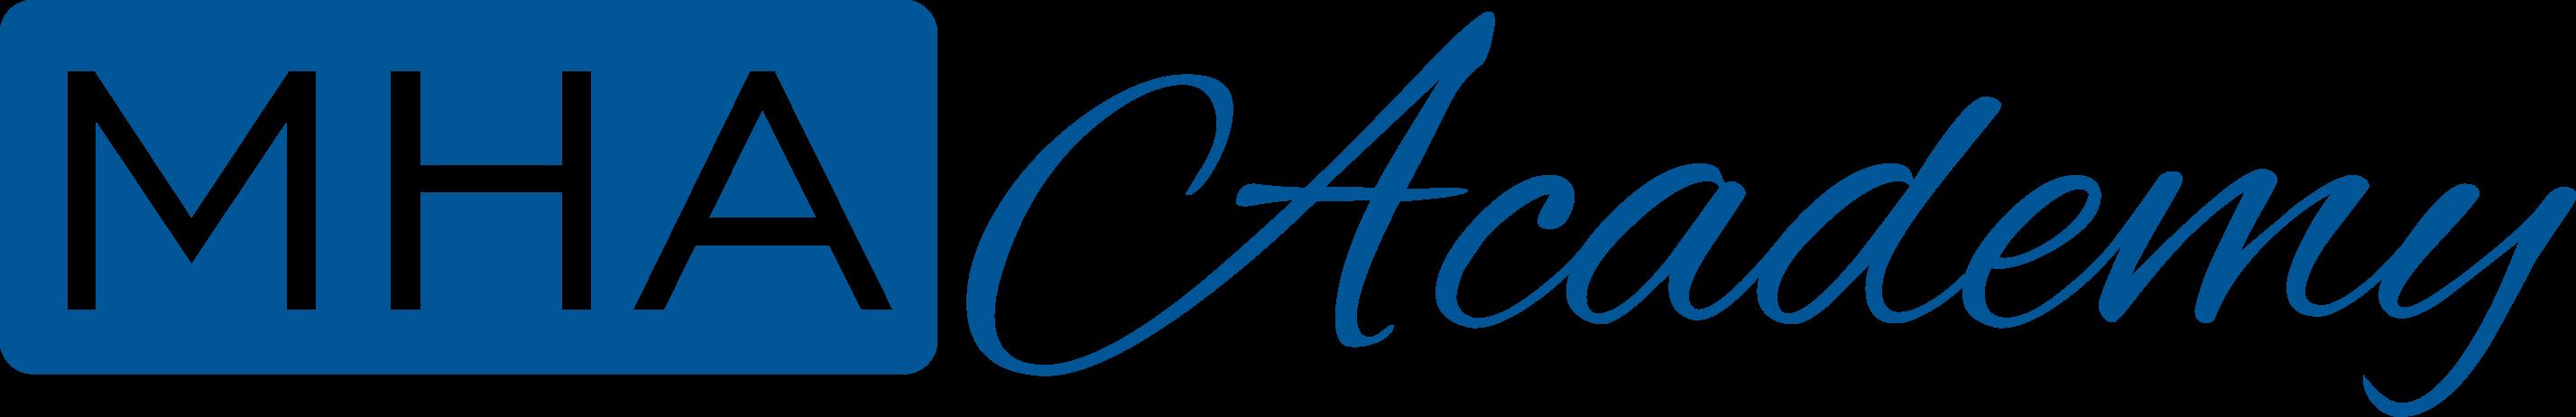 MHA-Academy-Blue